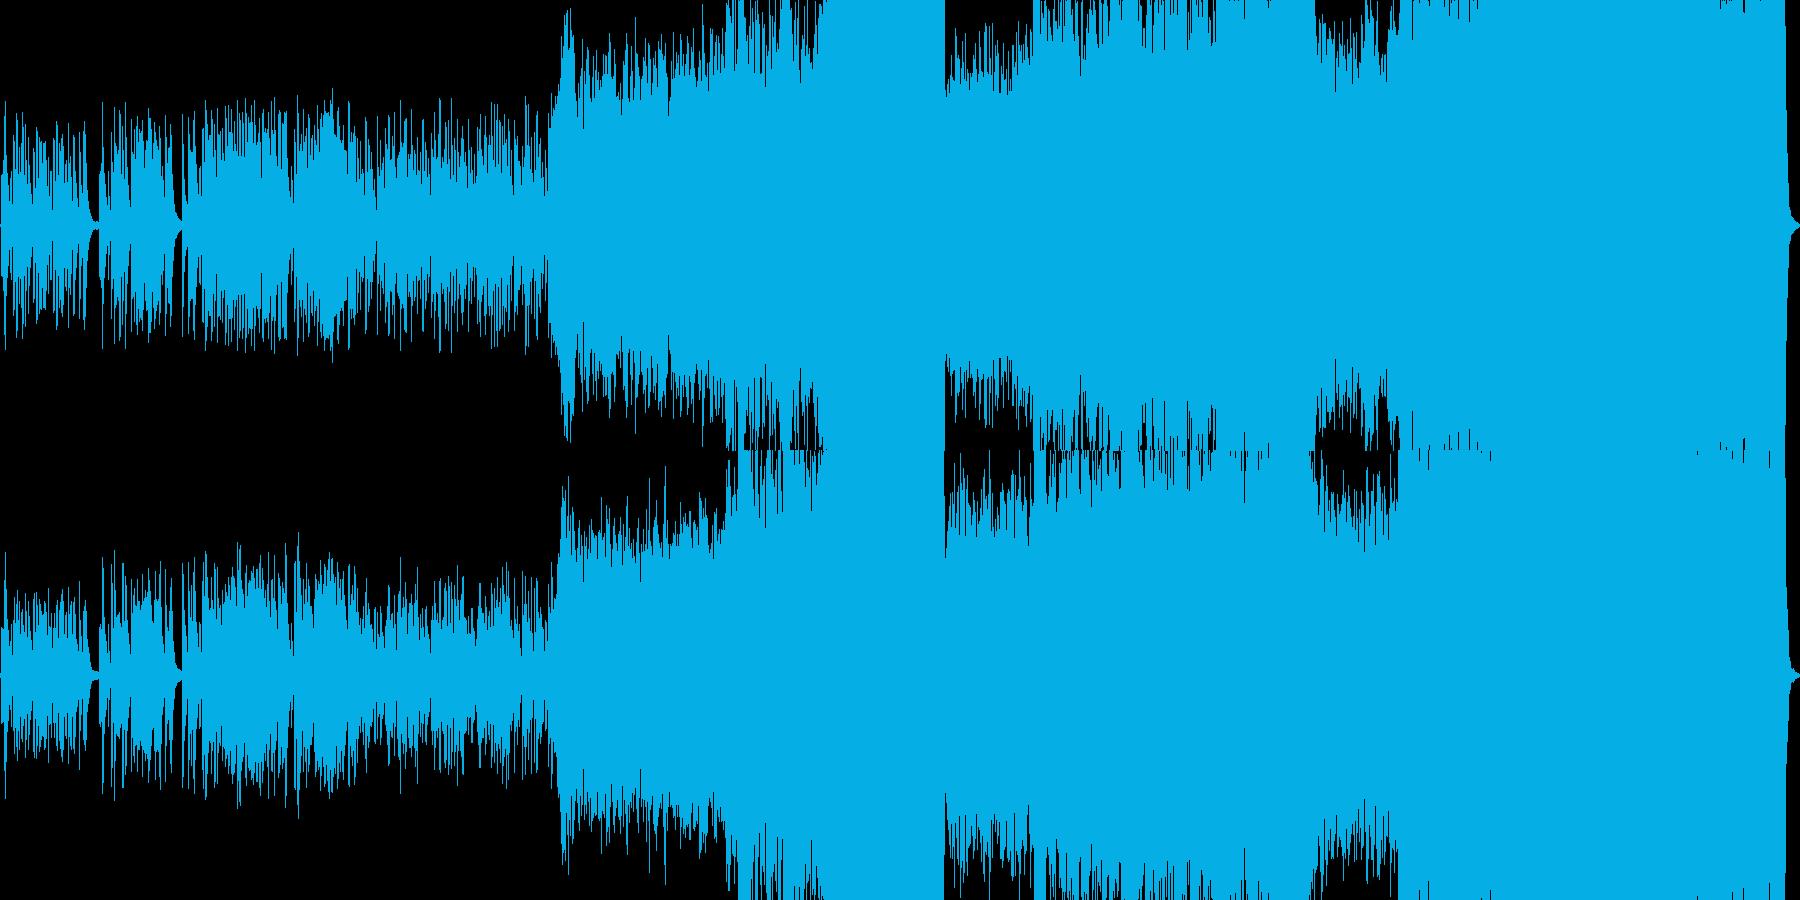 映画音楽風の壮大なオーケーストラ曲の再生済みの波形